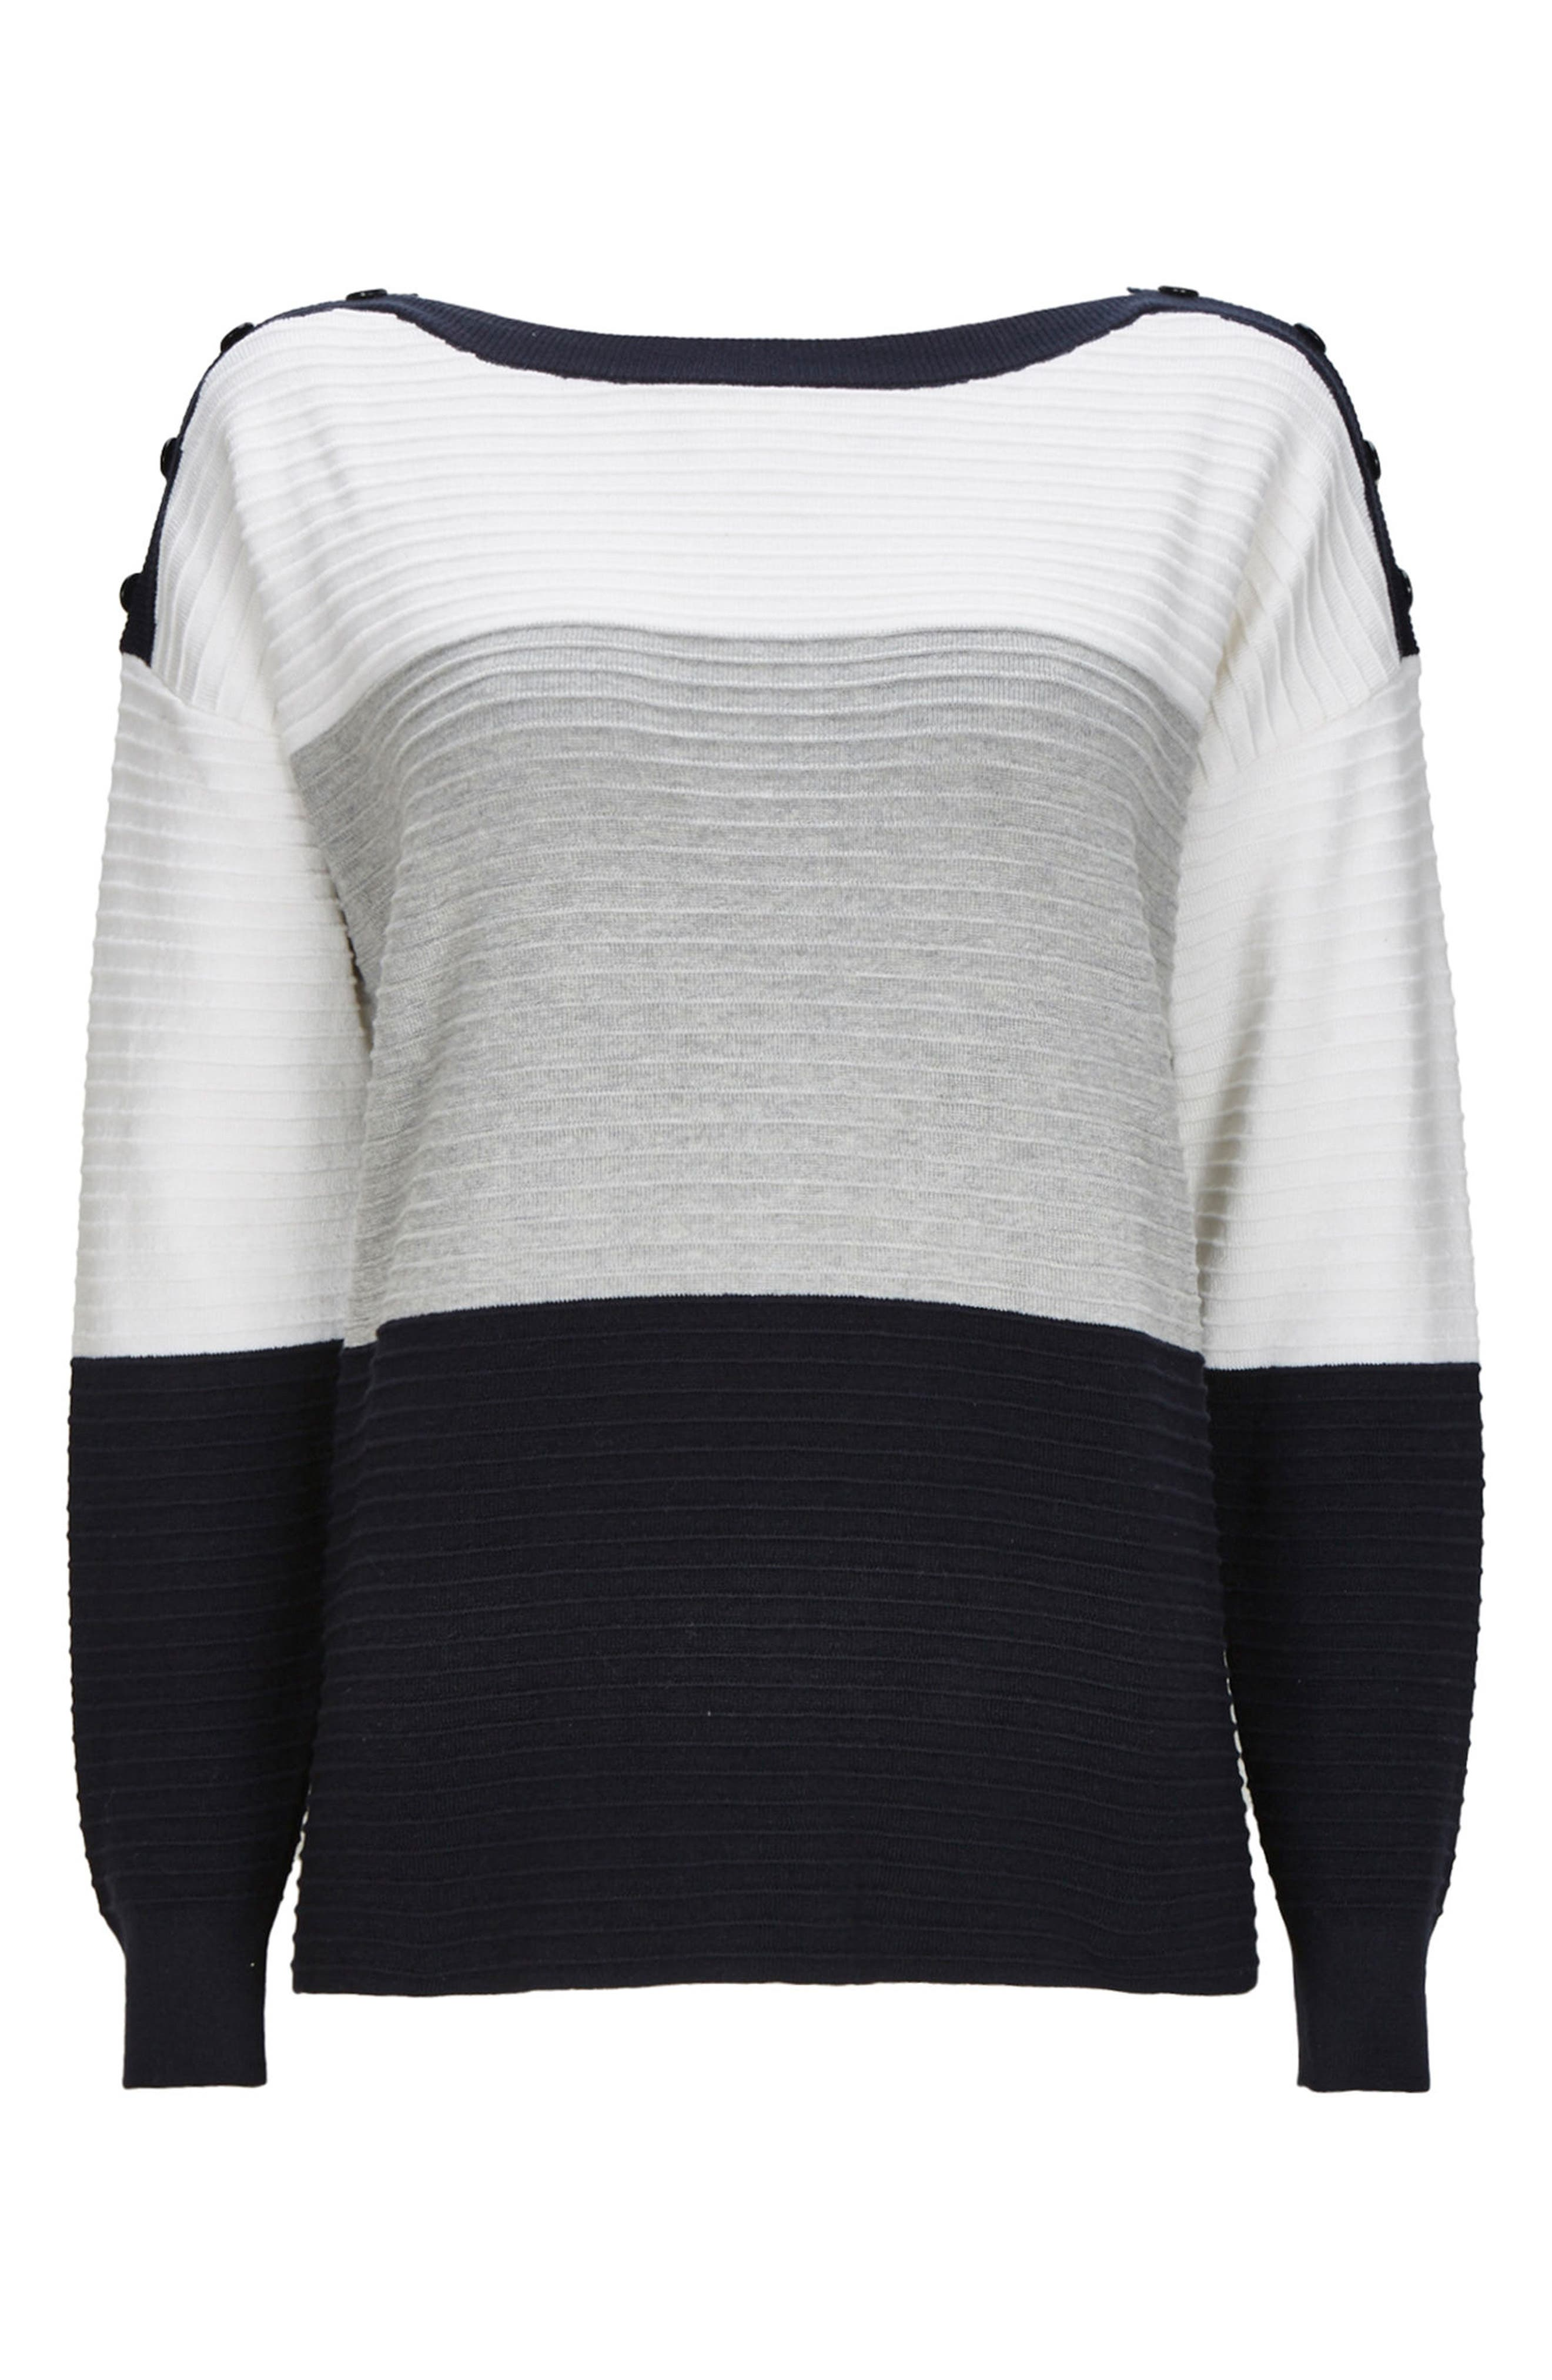 Main Image - Wallis Colorblock Ottoman Knit Sweater